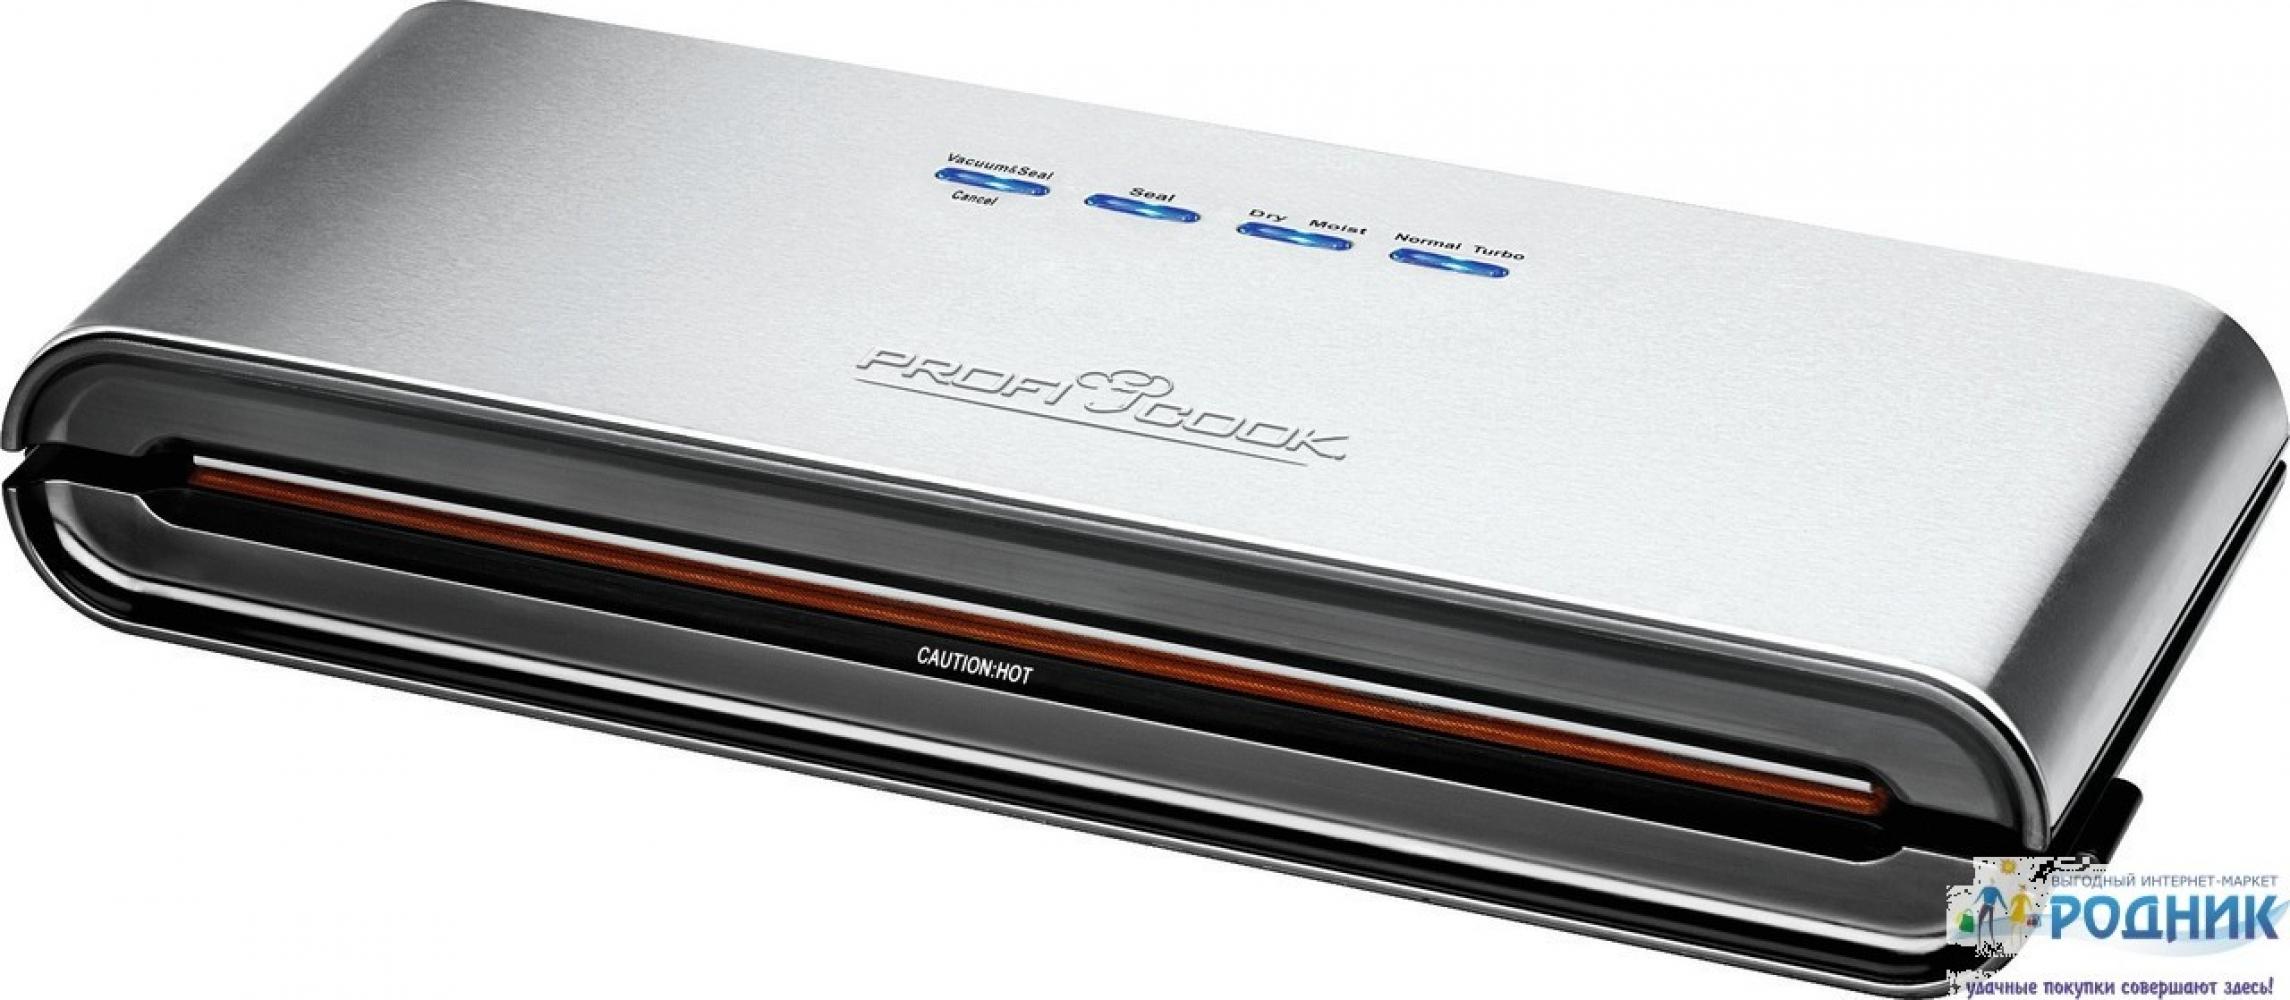 Аппарат для вакуумной упаковки PROFI COOK 120 Вт